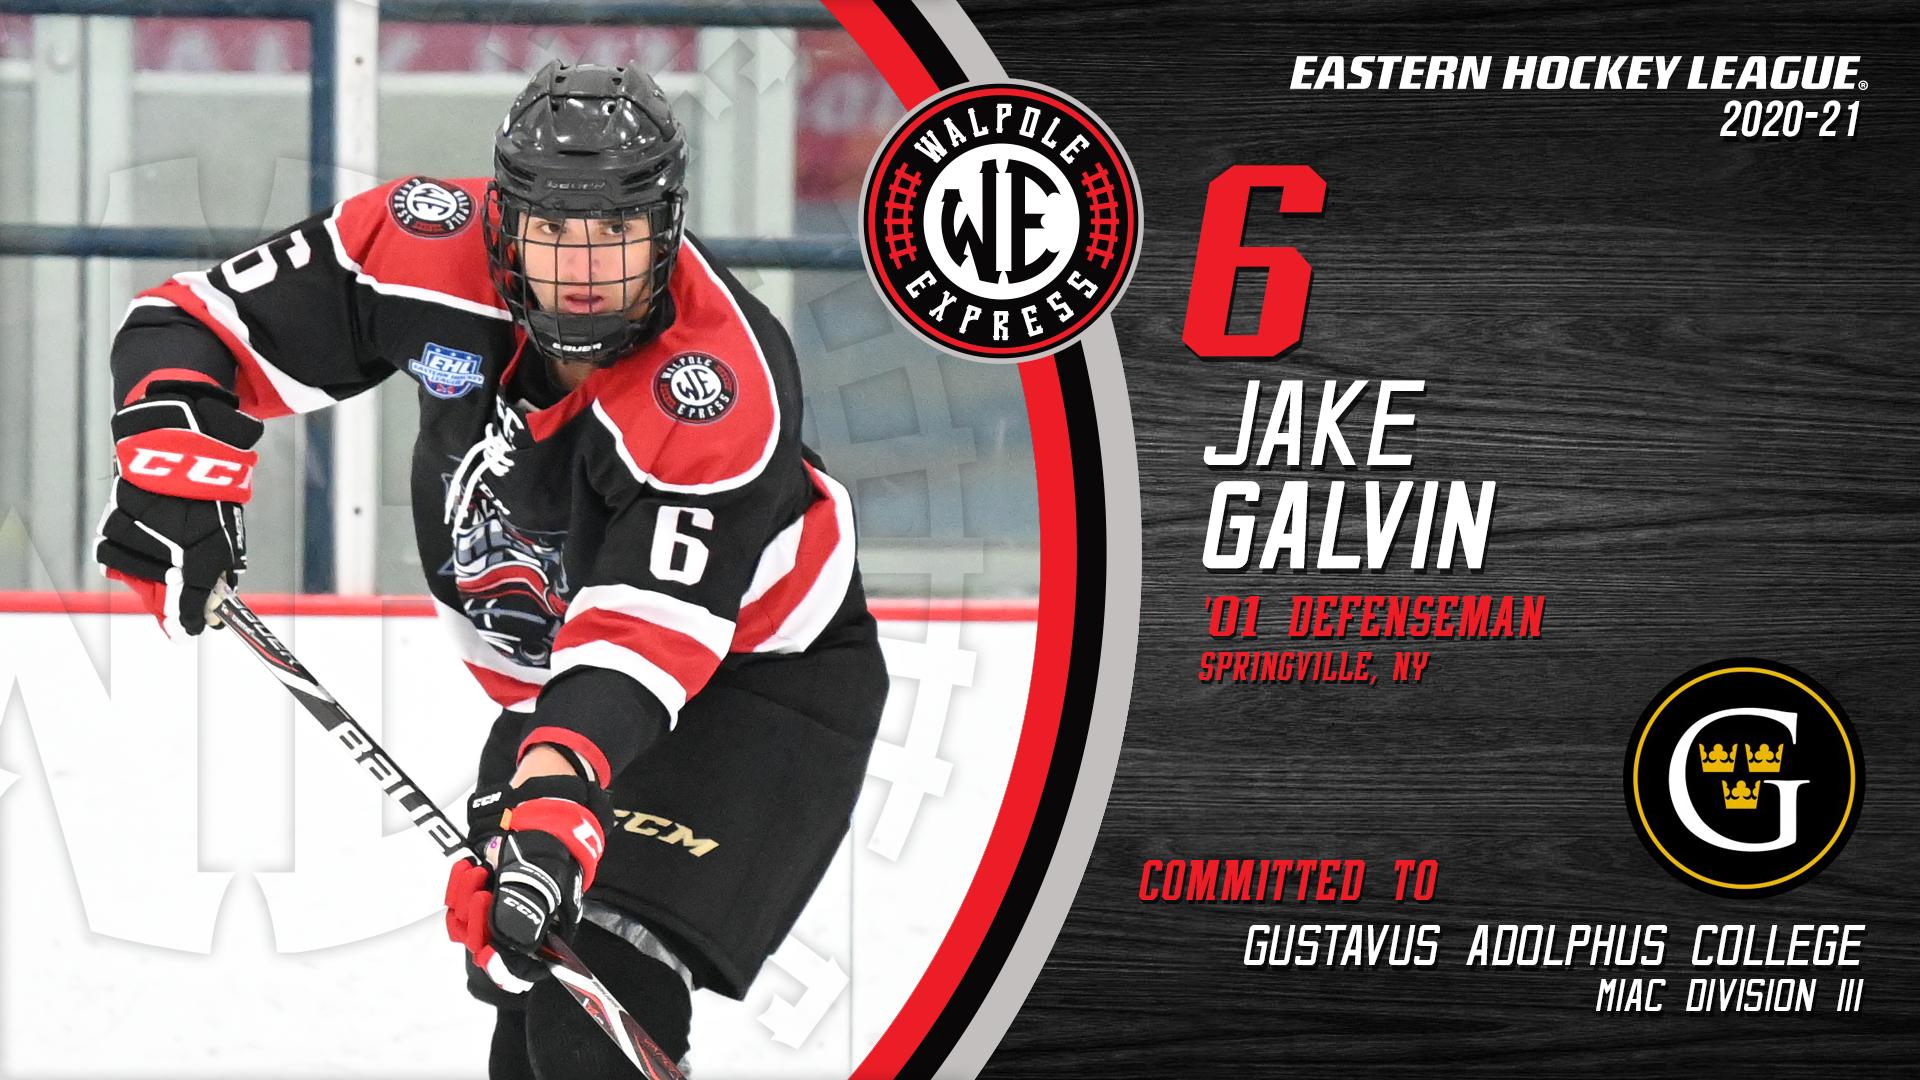 Jake Galvin